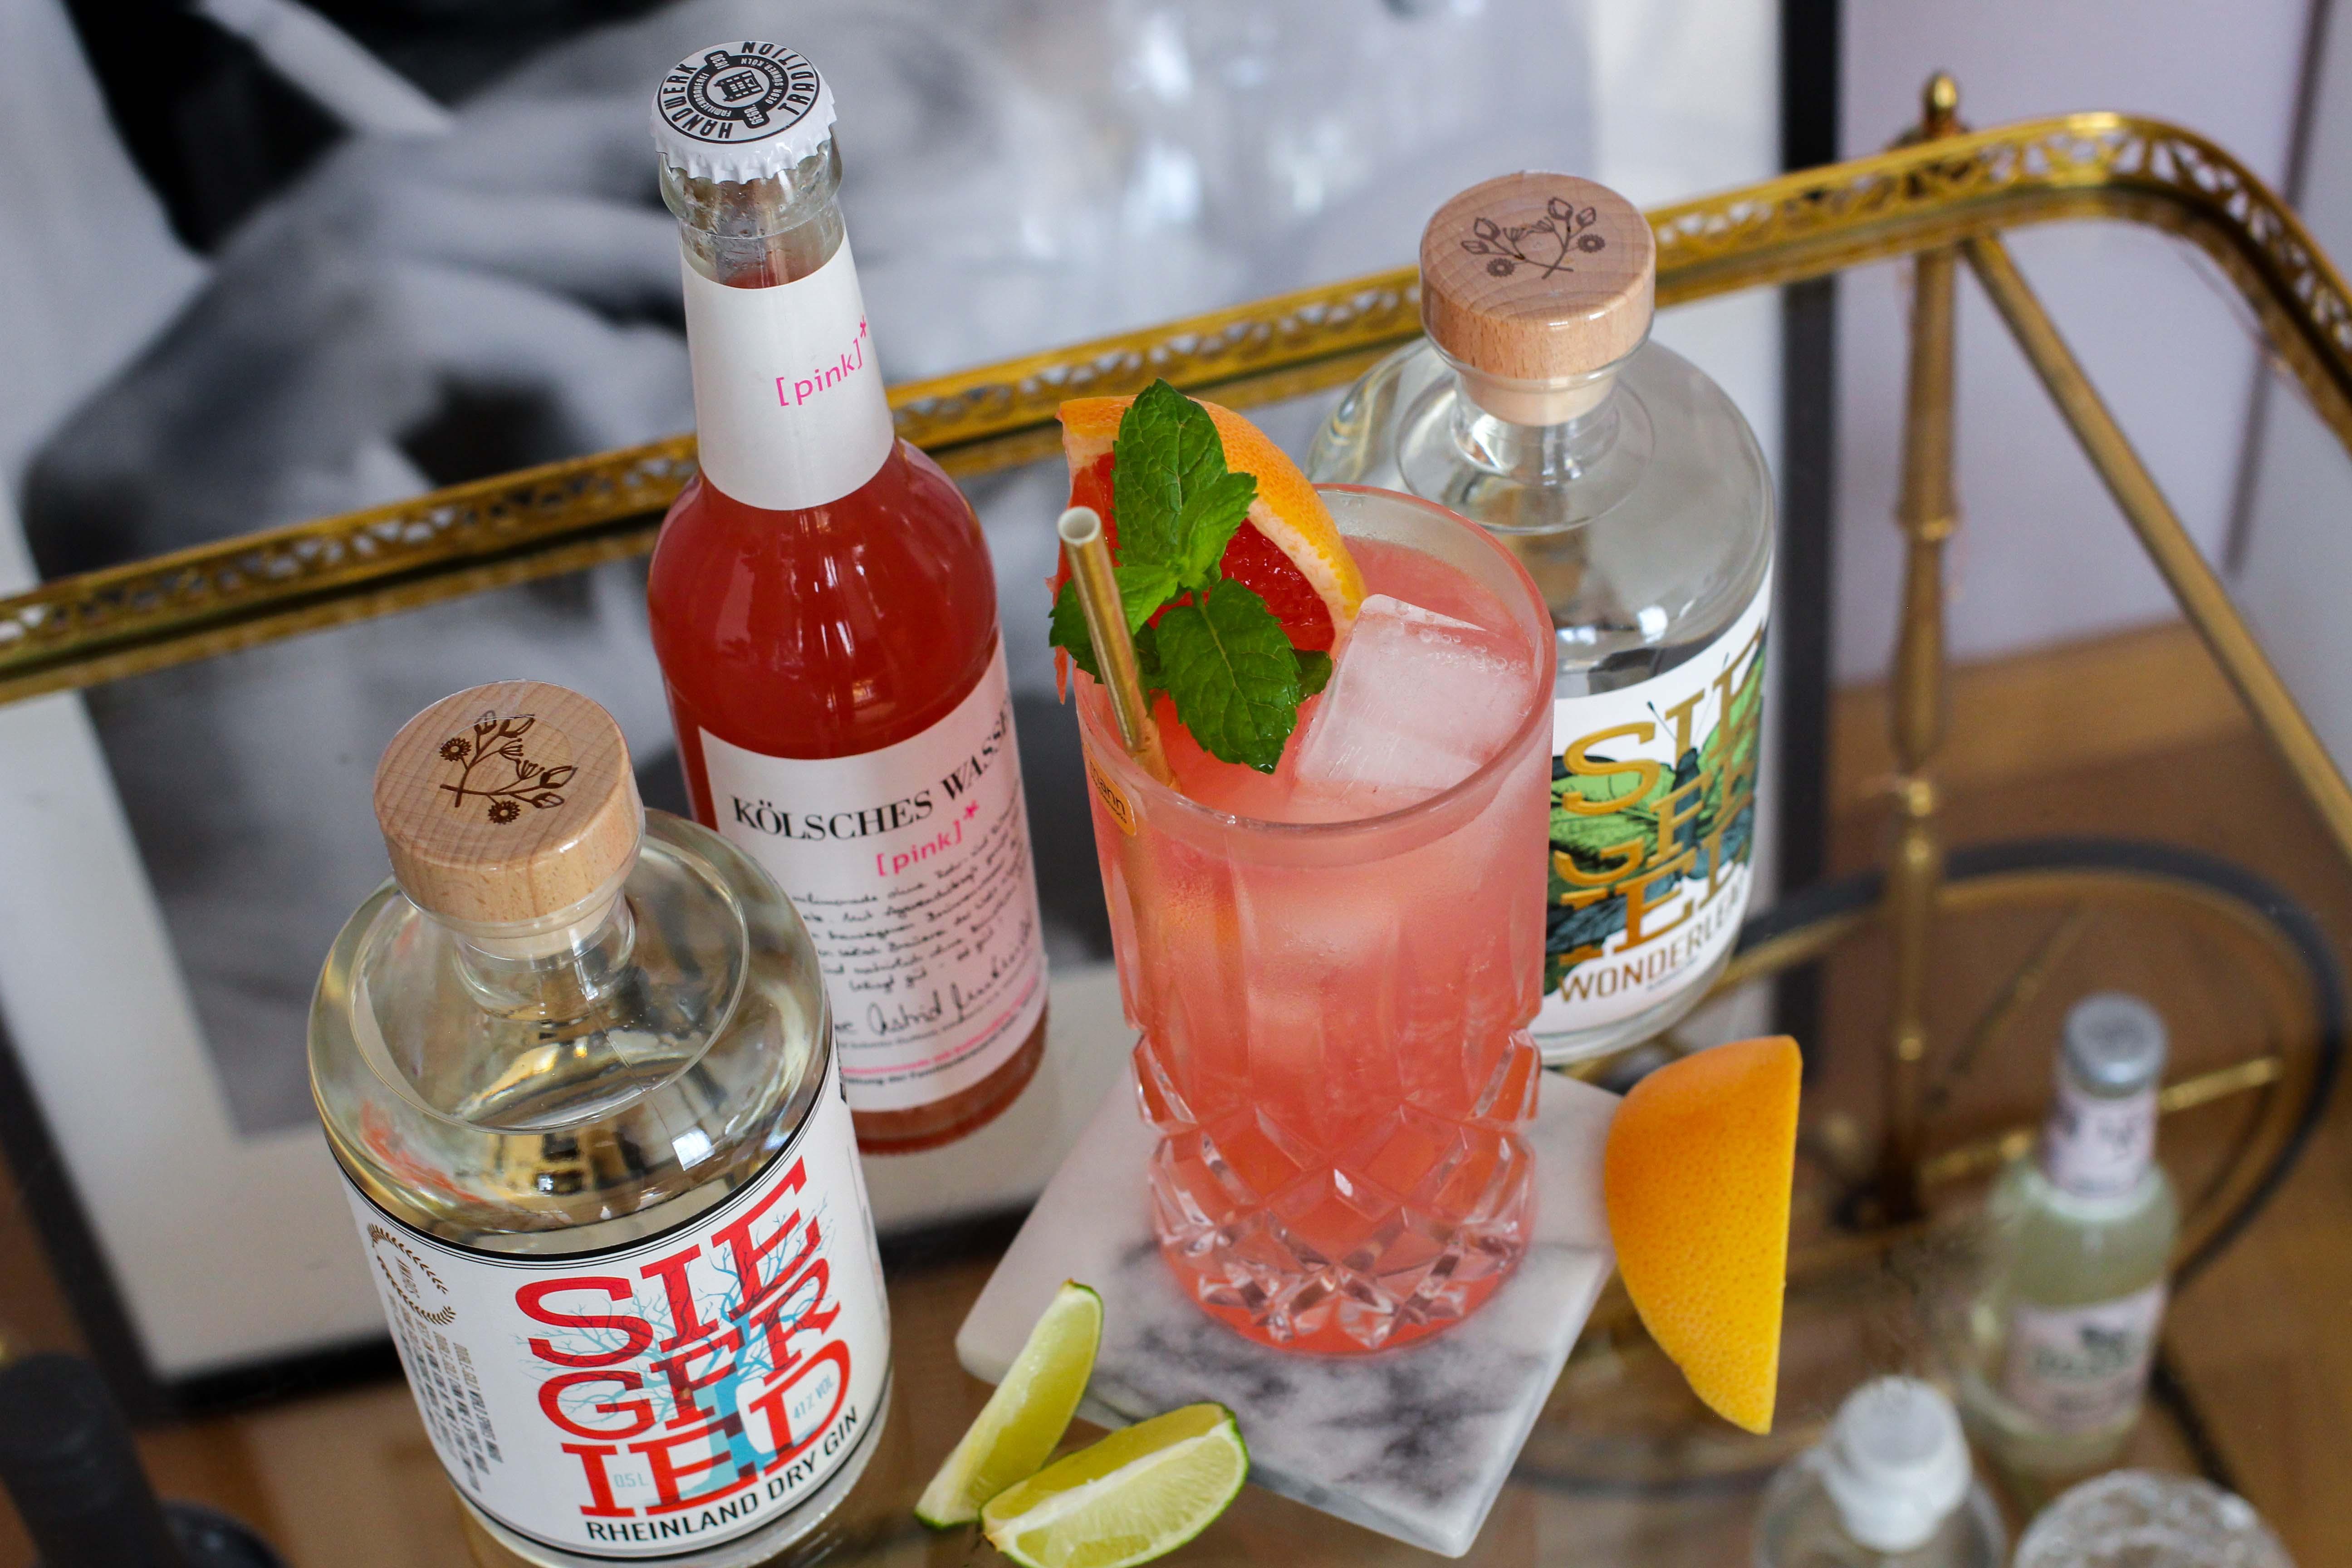 30ster Geburtstag Gin Rezept Siegfried Gin Cocktail BrinisFashionBook Dirty30 Grapefruit Highball Wonderleaf 3